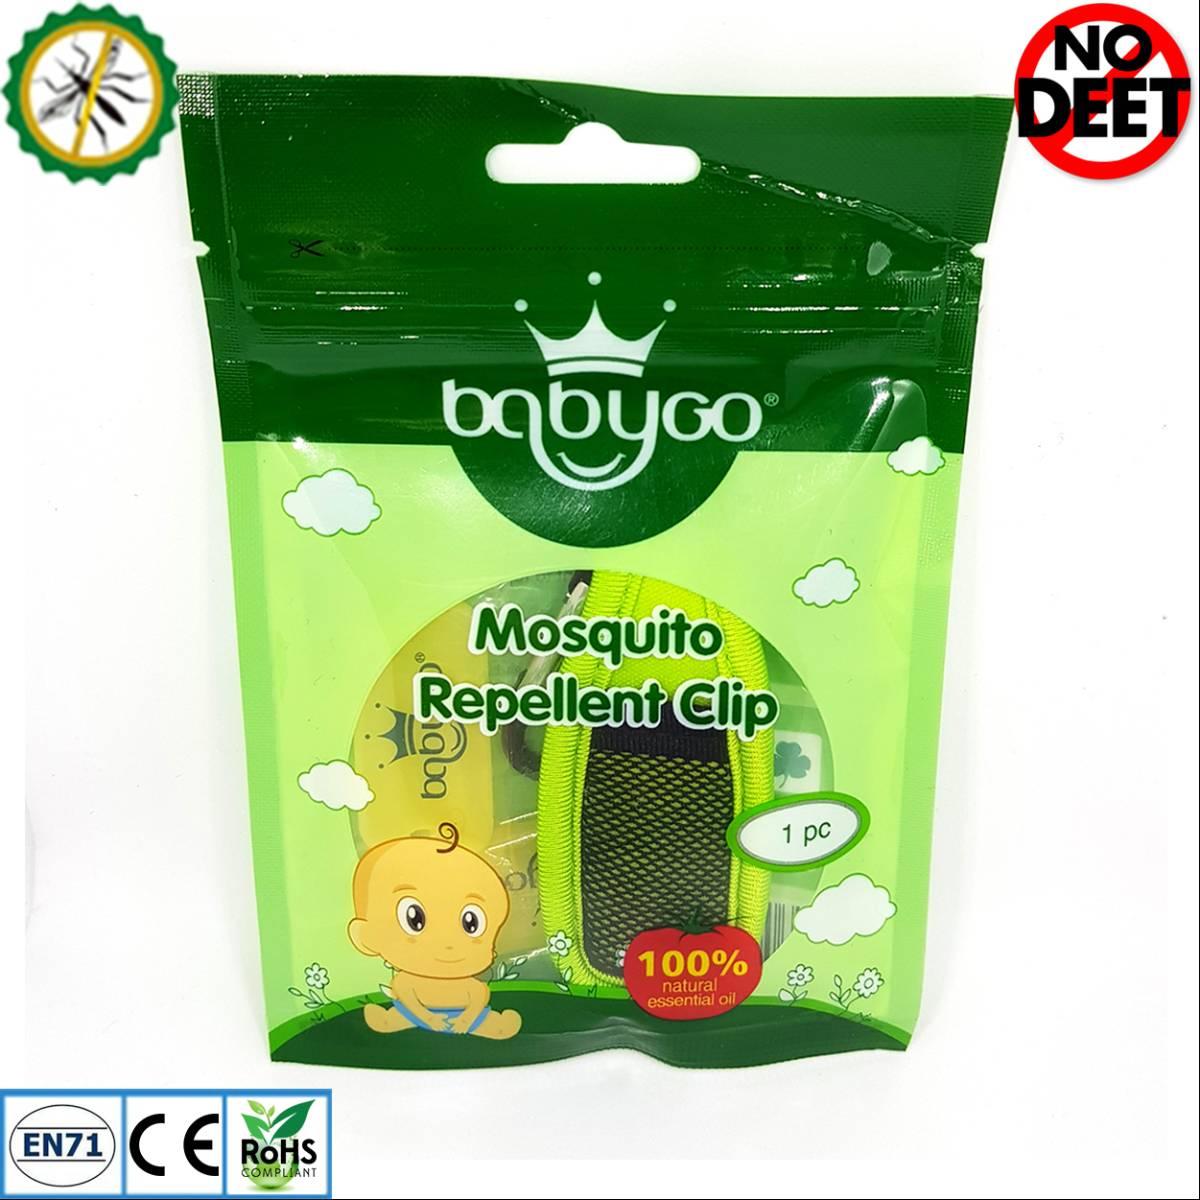 Babygo Neoprene Clip Mosquito Repellent Green (klip Anti Nyamuk)1